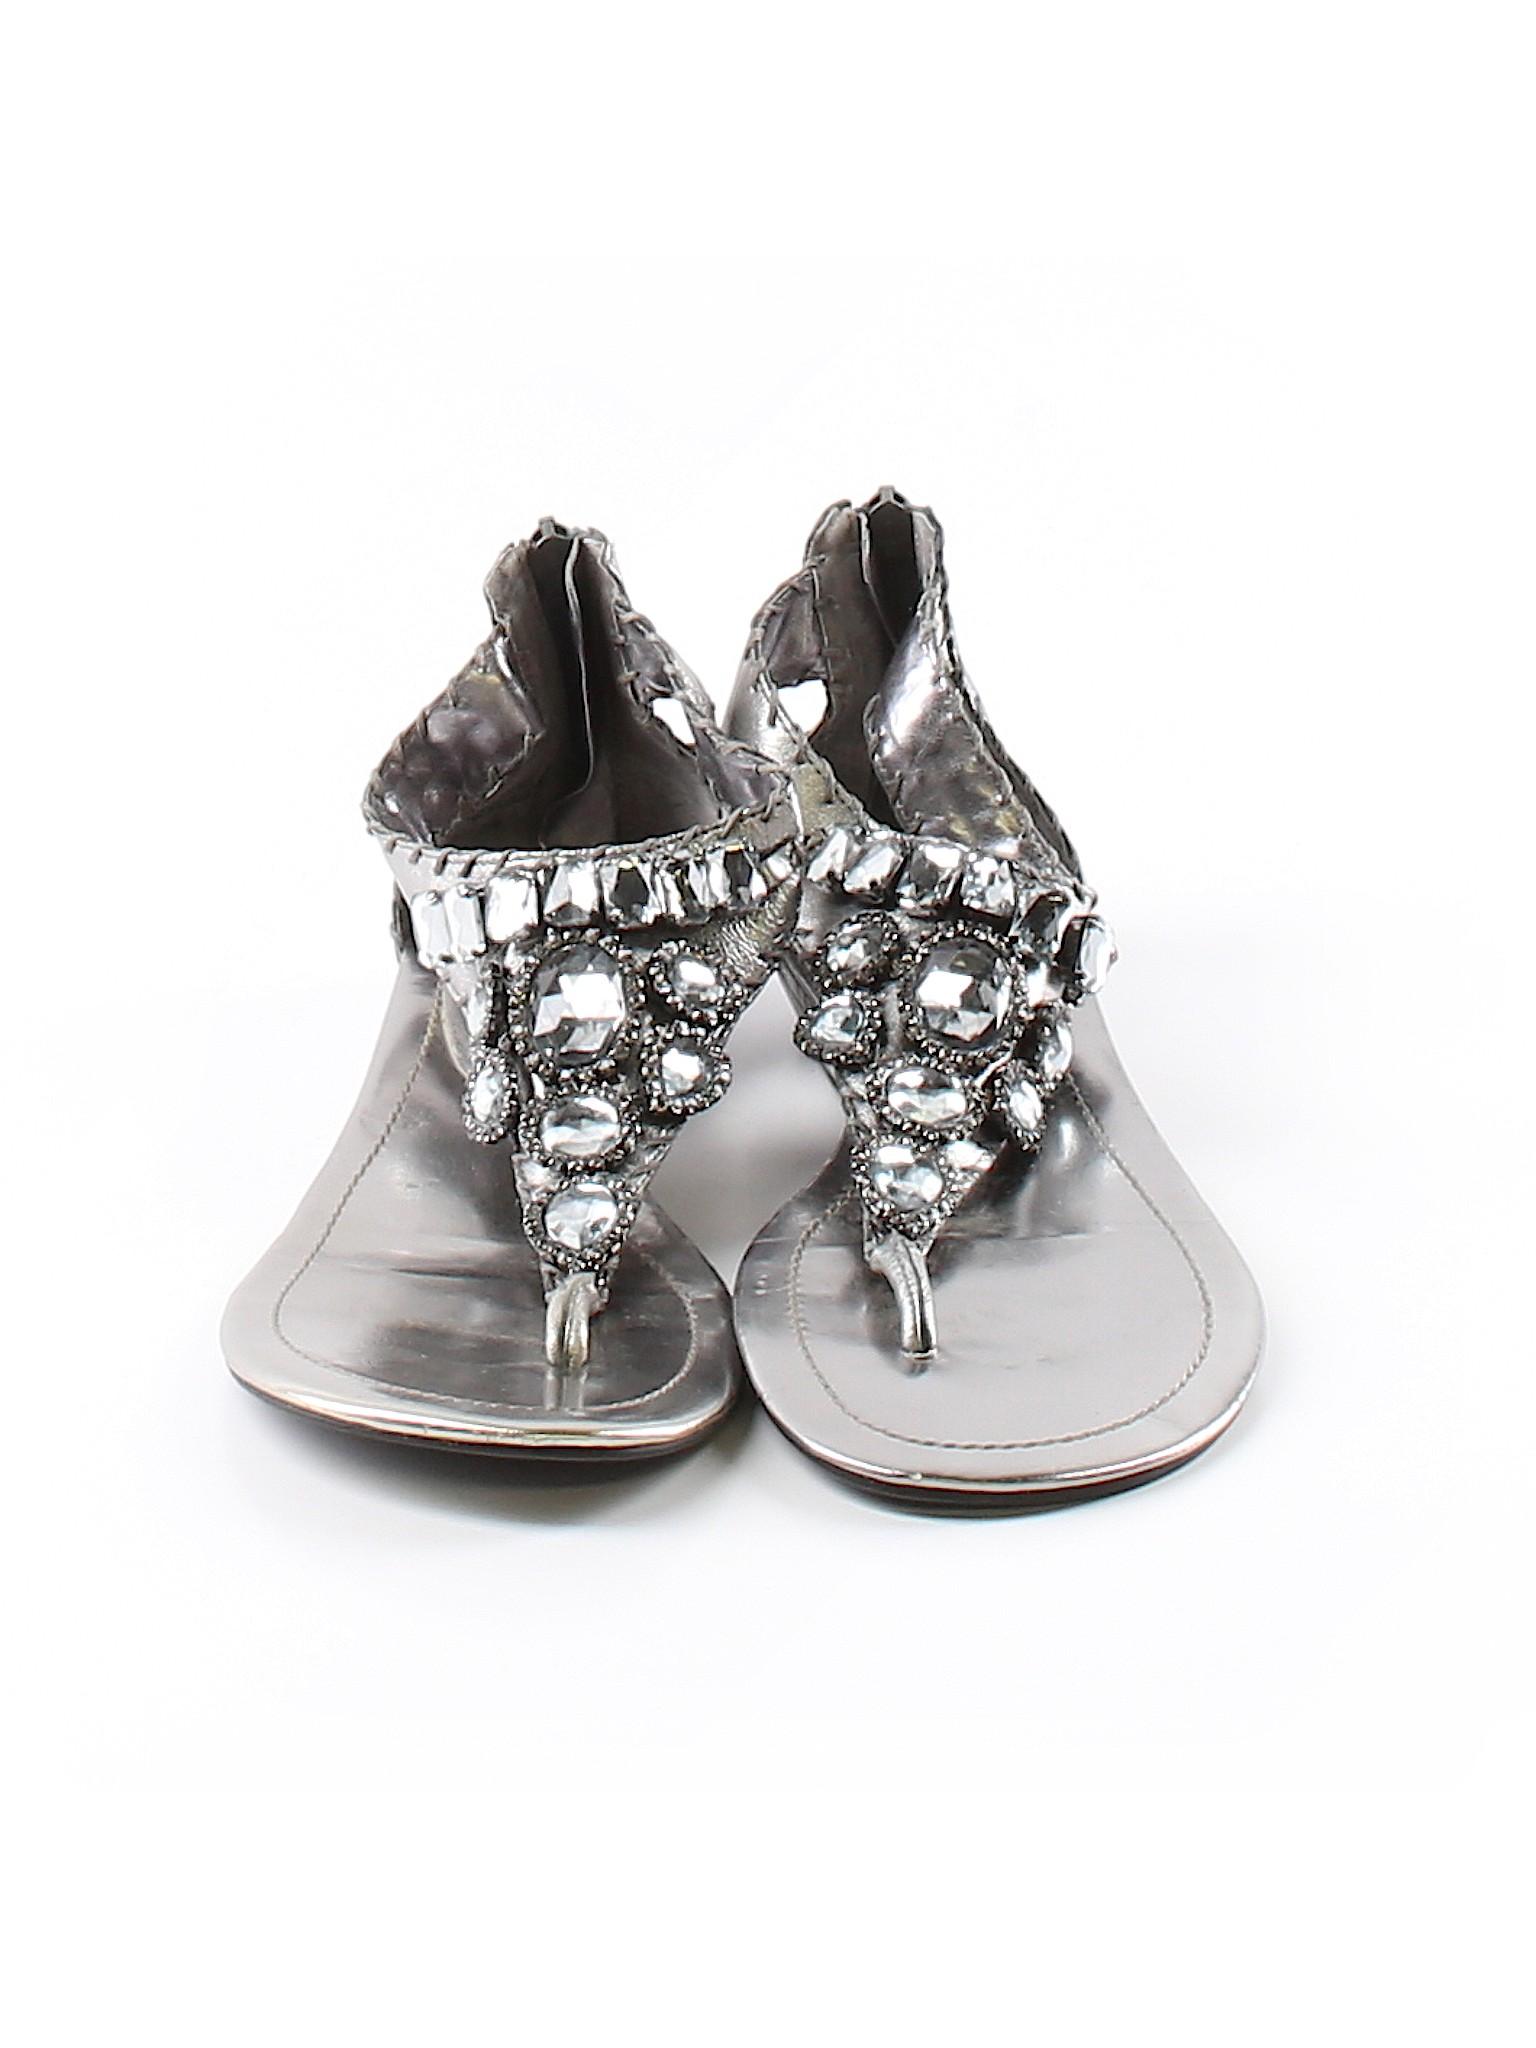 Boutique Enzo promotion promotion Angiolini Sandals Boutique wHqP1RTw